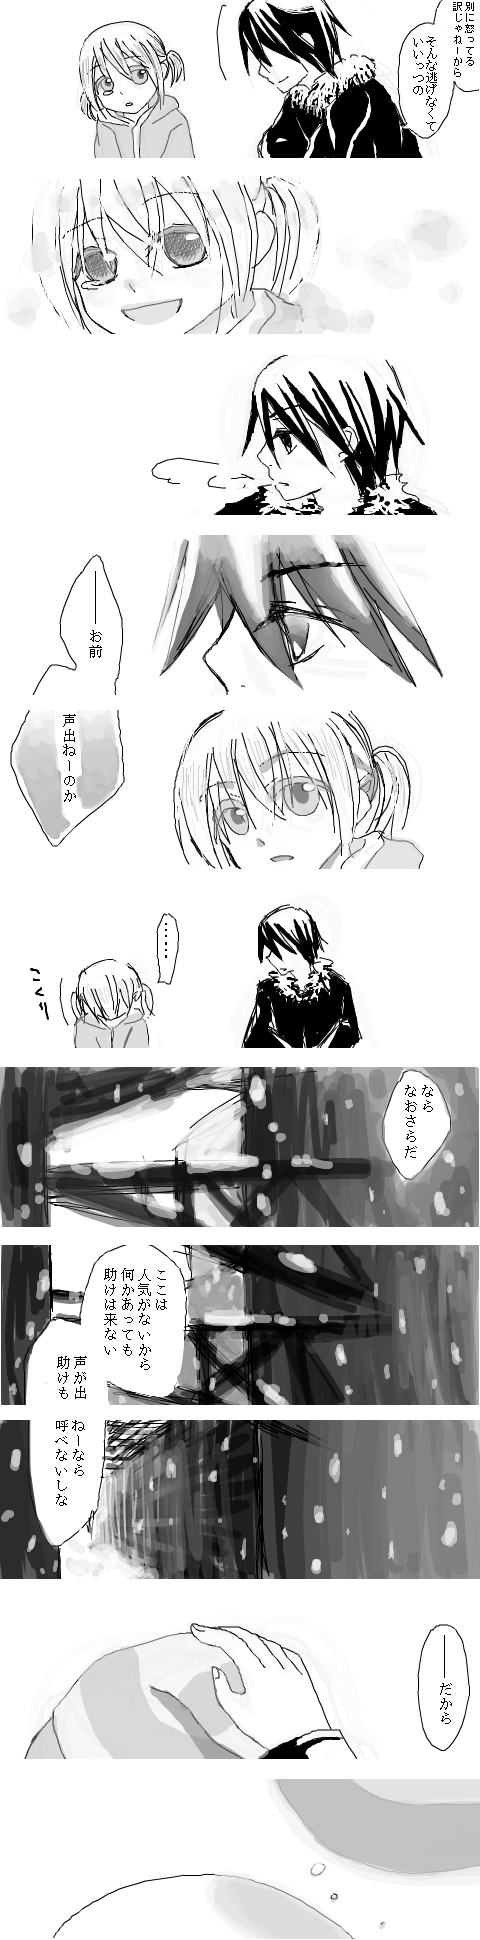 ゆきだるま漫画2